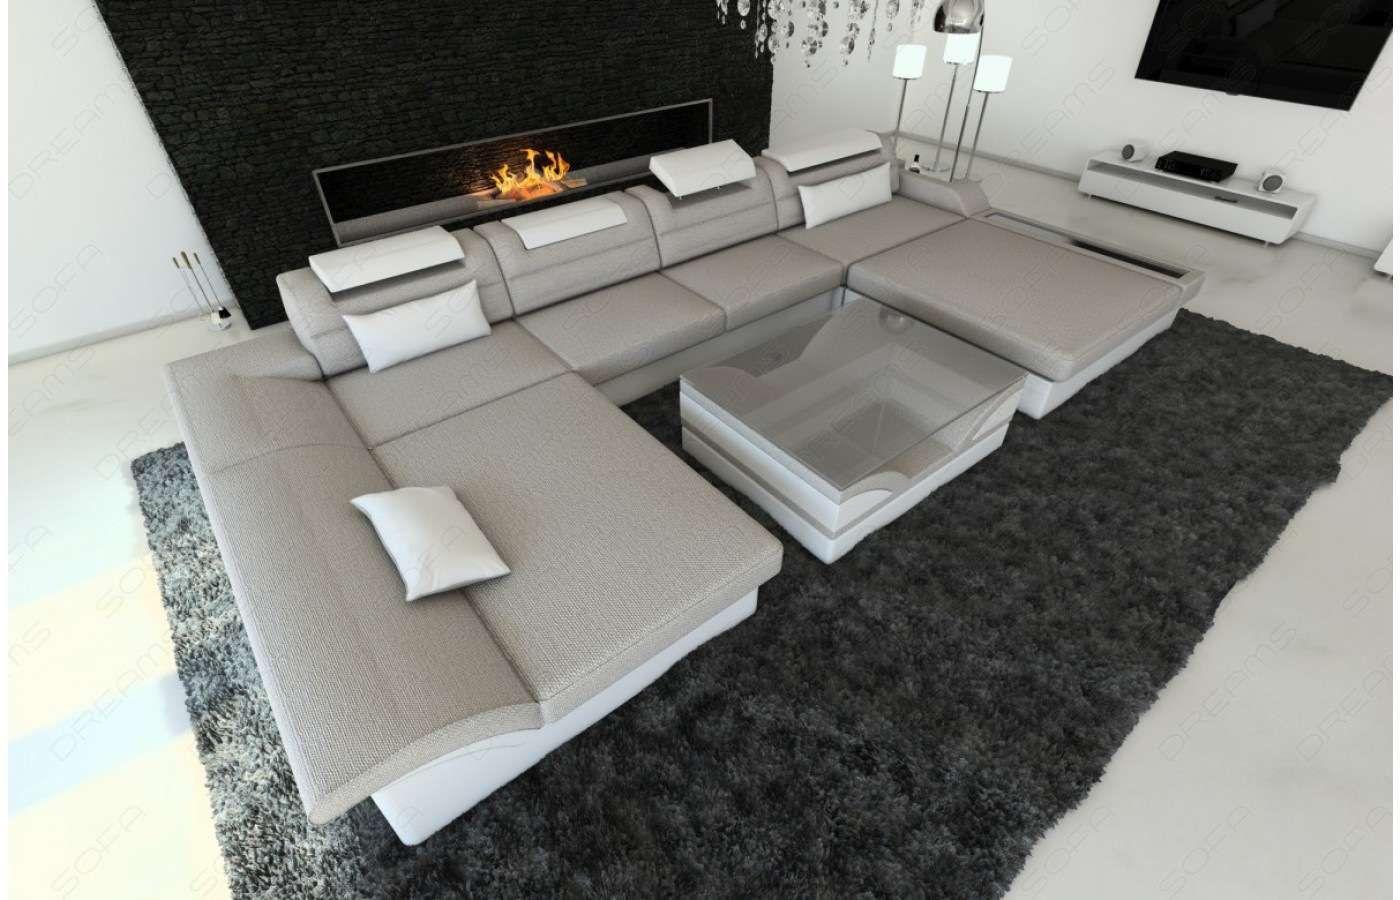 Sofas In U Form Schlafsofa U Form Einzigartig Schmale Couch Frisch Zwei Sitz Sofa Sofasimcountryst In 2020 Fabric Sectional Sofas Sectional Sofa Sectional Sofa Couch